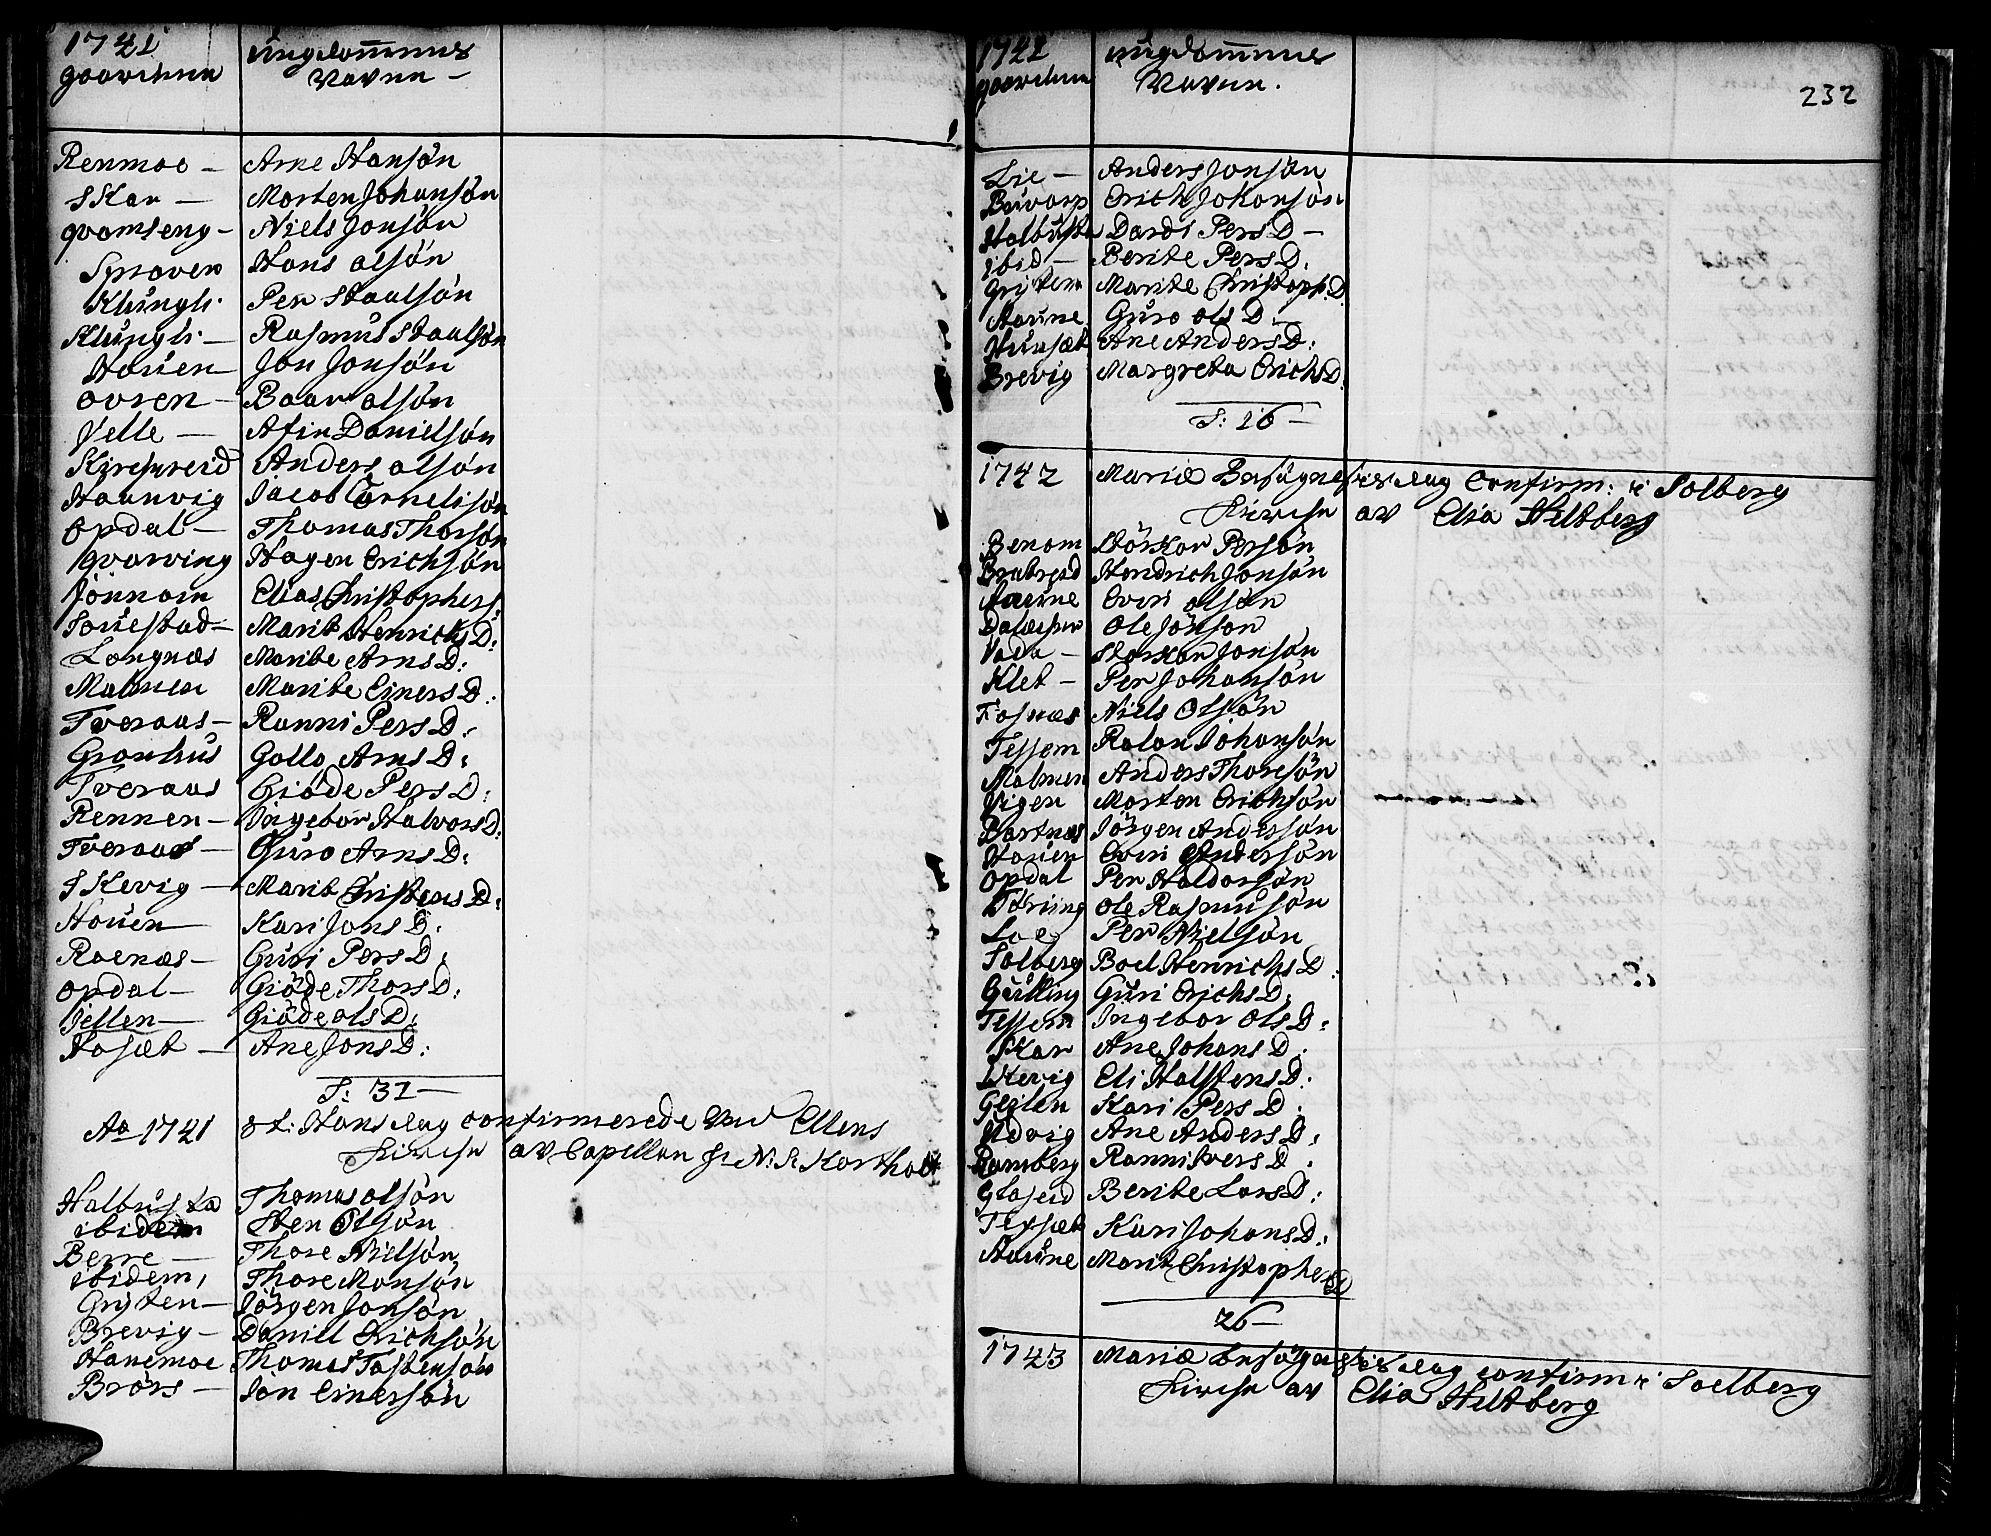 SAT, Ministerialprotokoller, klokkerbøker og fødselsregistre - Nord-Trøndelag, 741/L0385: Ministerialbok nr. 741A01, 1722-1815, s. 232